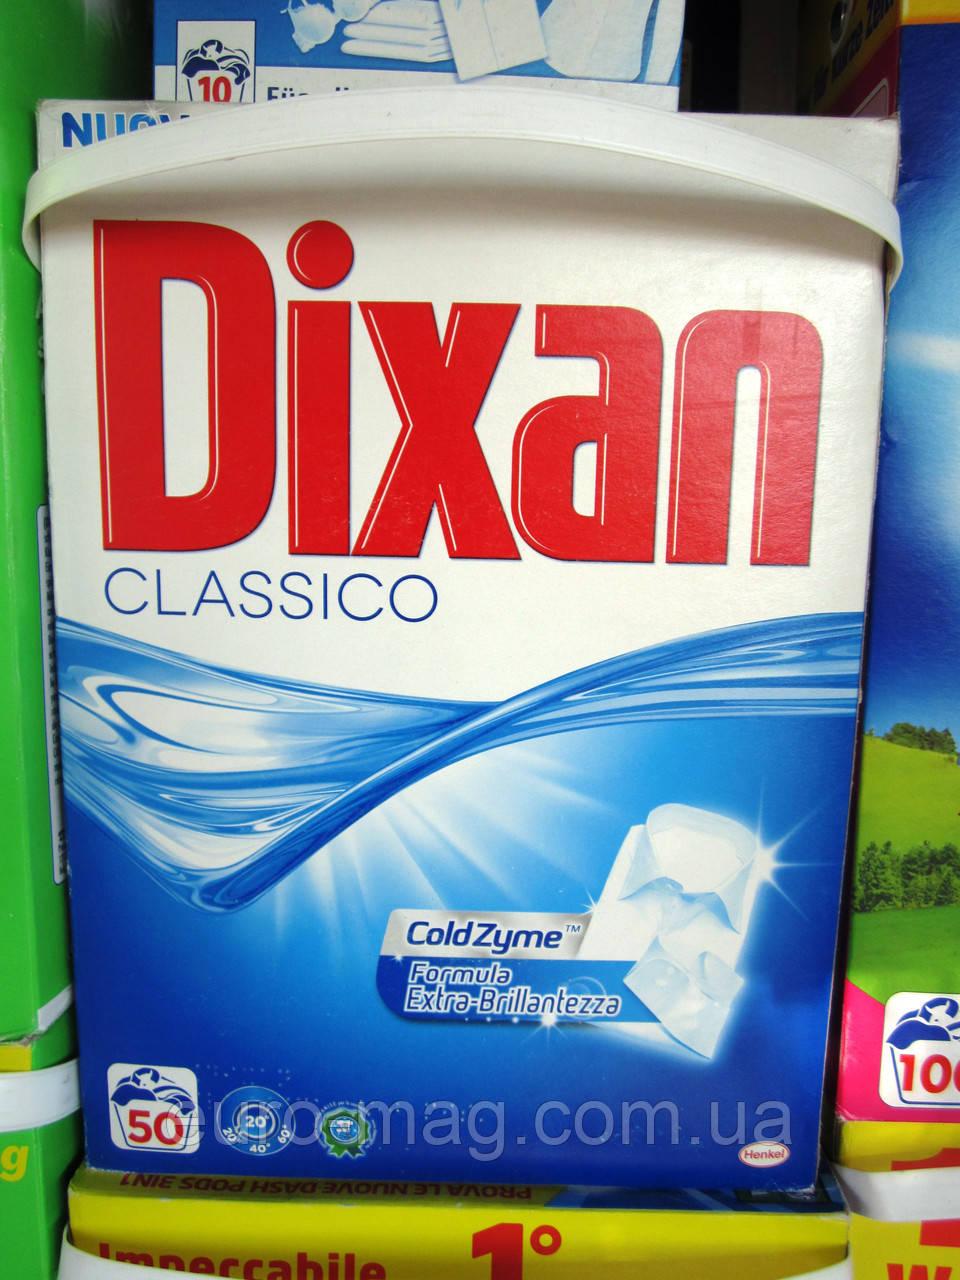 Стиральный порошок Dixan Classico cold zyme Extra brillantezza 50 стирок (3,4 кг)